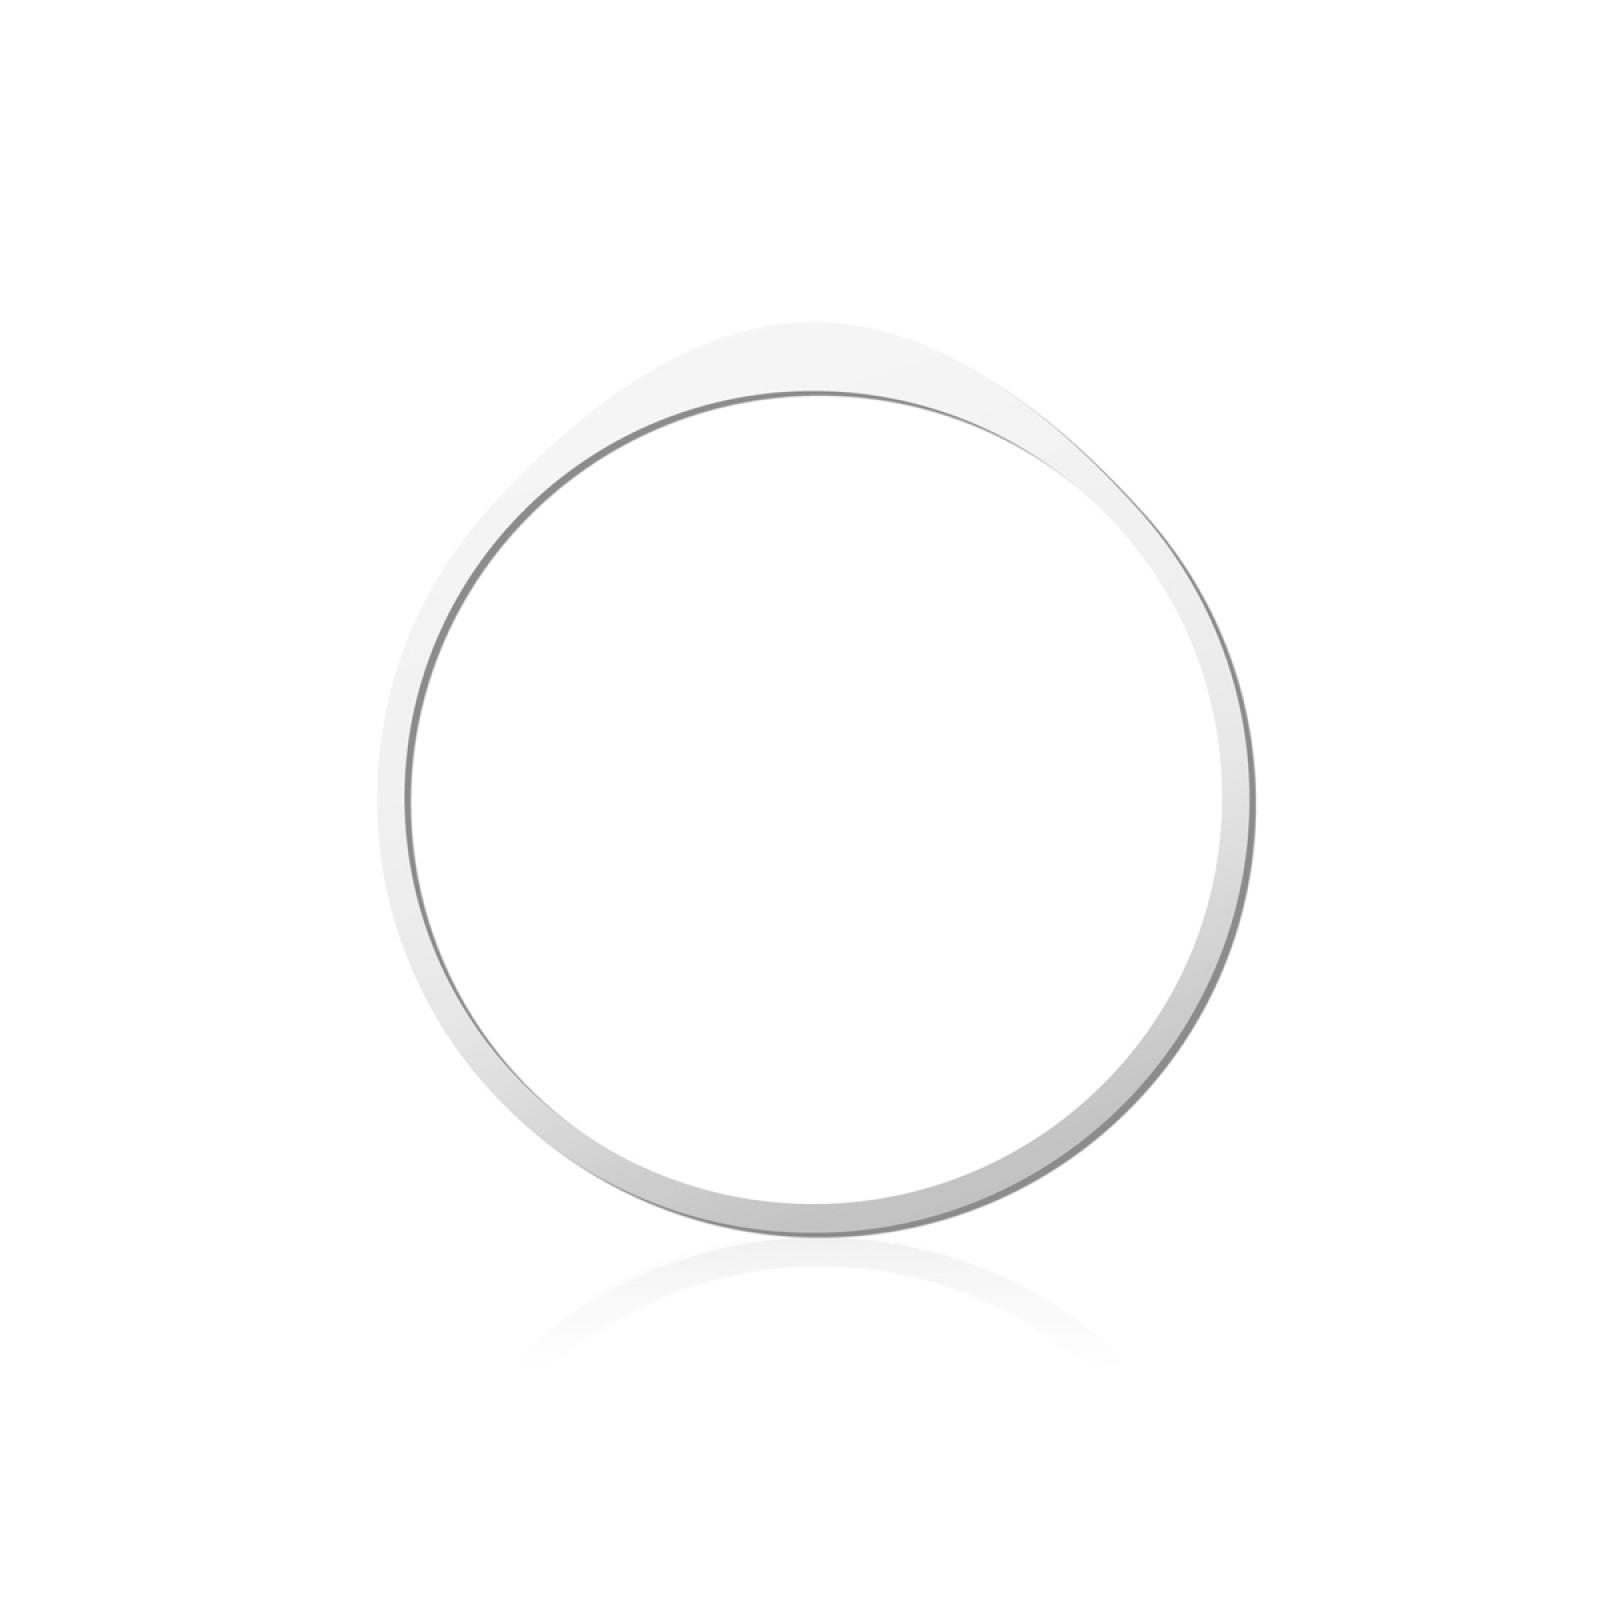 Βραχιόλι Silver Lining (Ασημί) - Moorigin